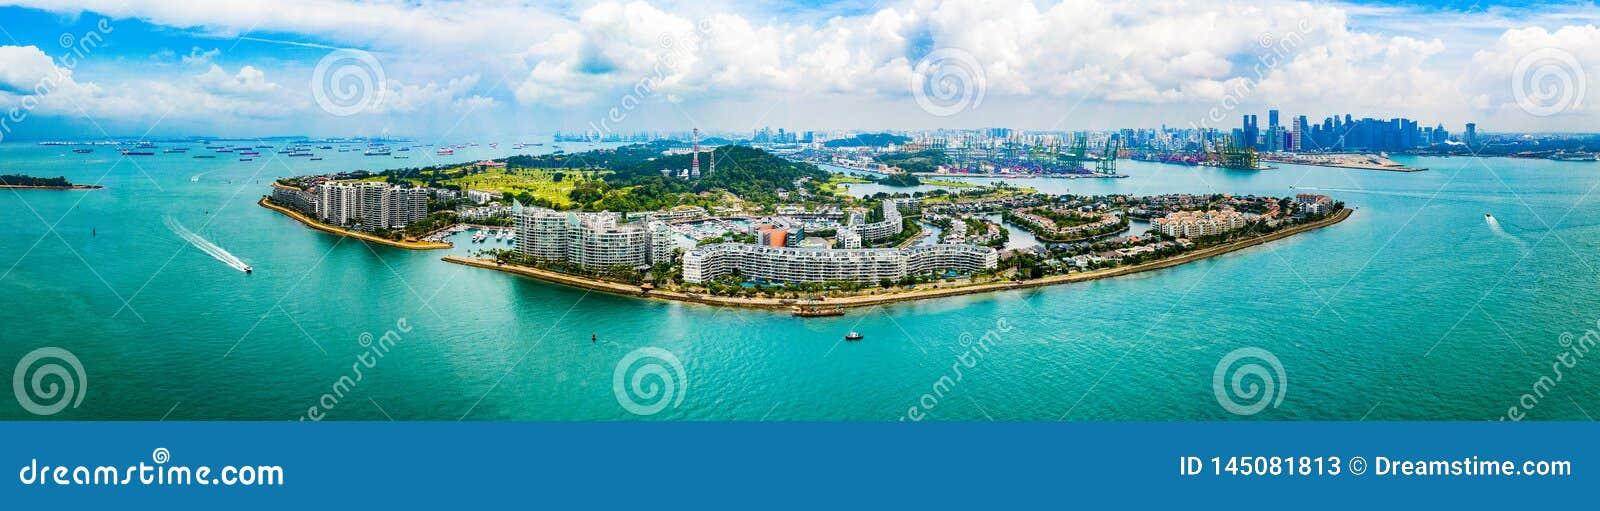 Νησί Sentosa Σιγκαπούρη - Playfulness